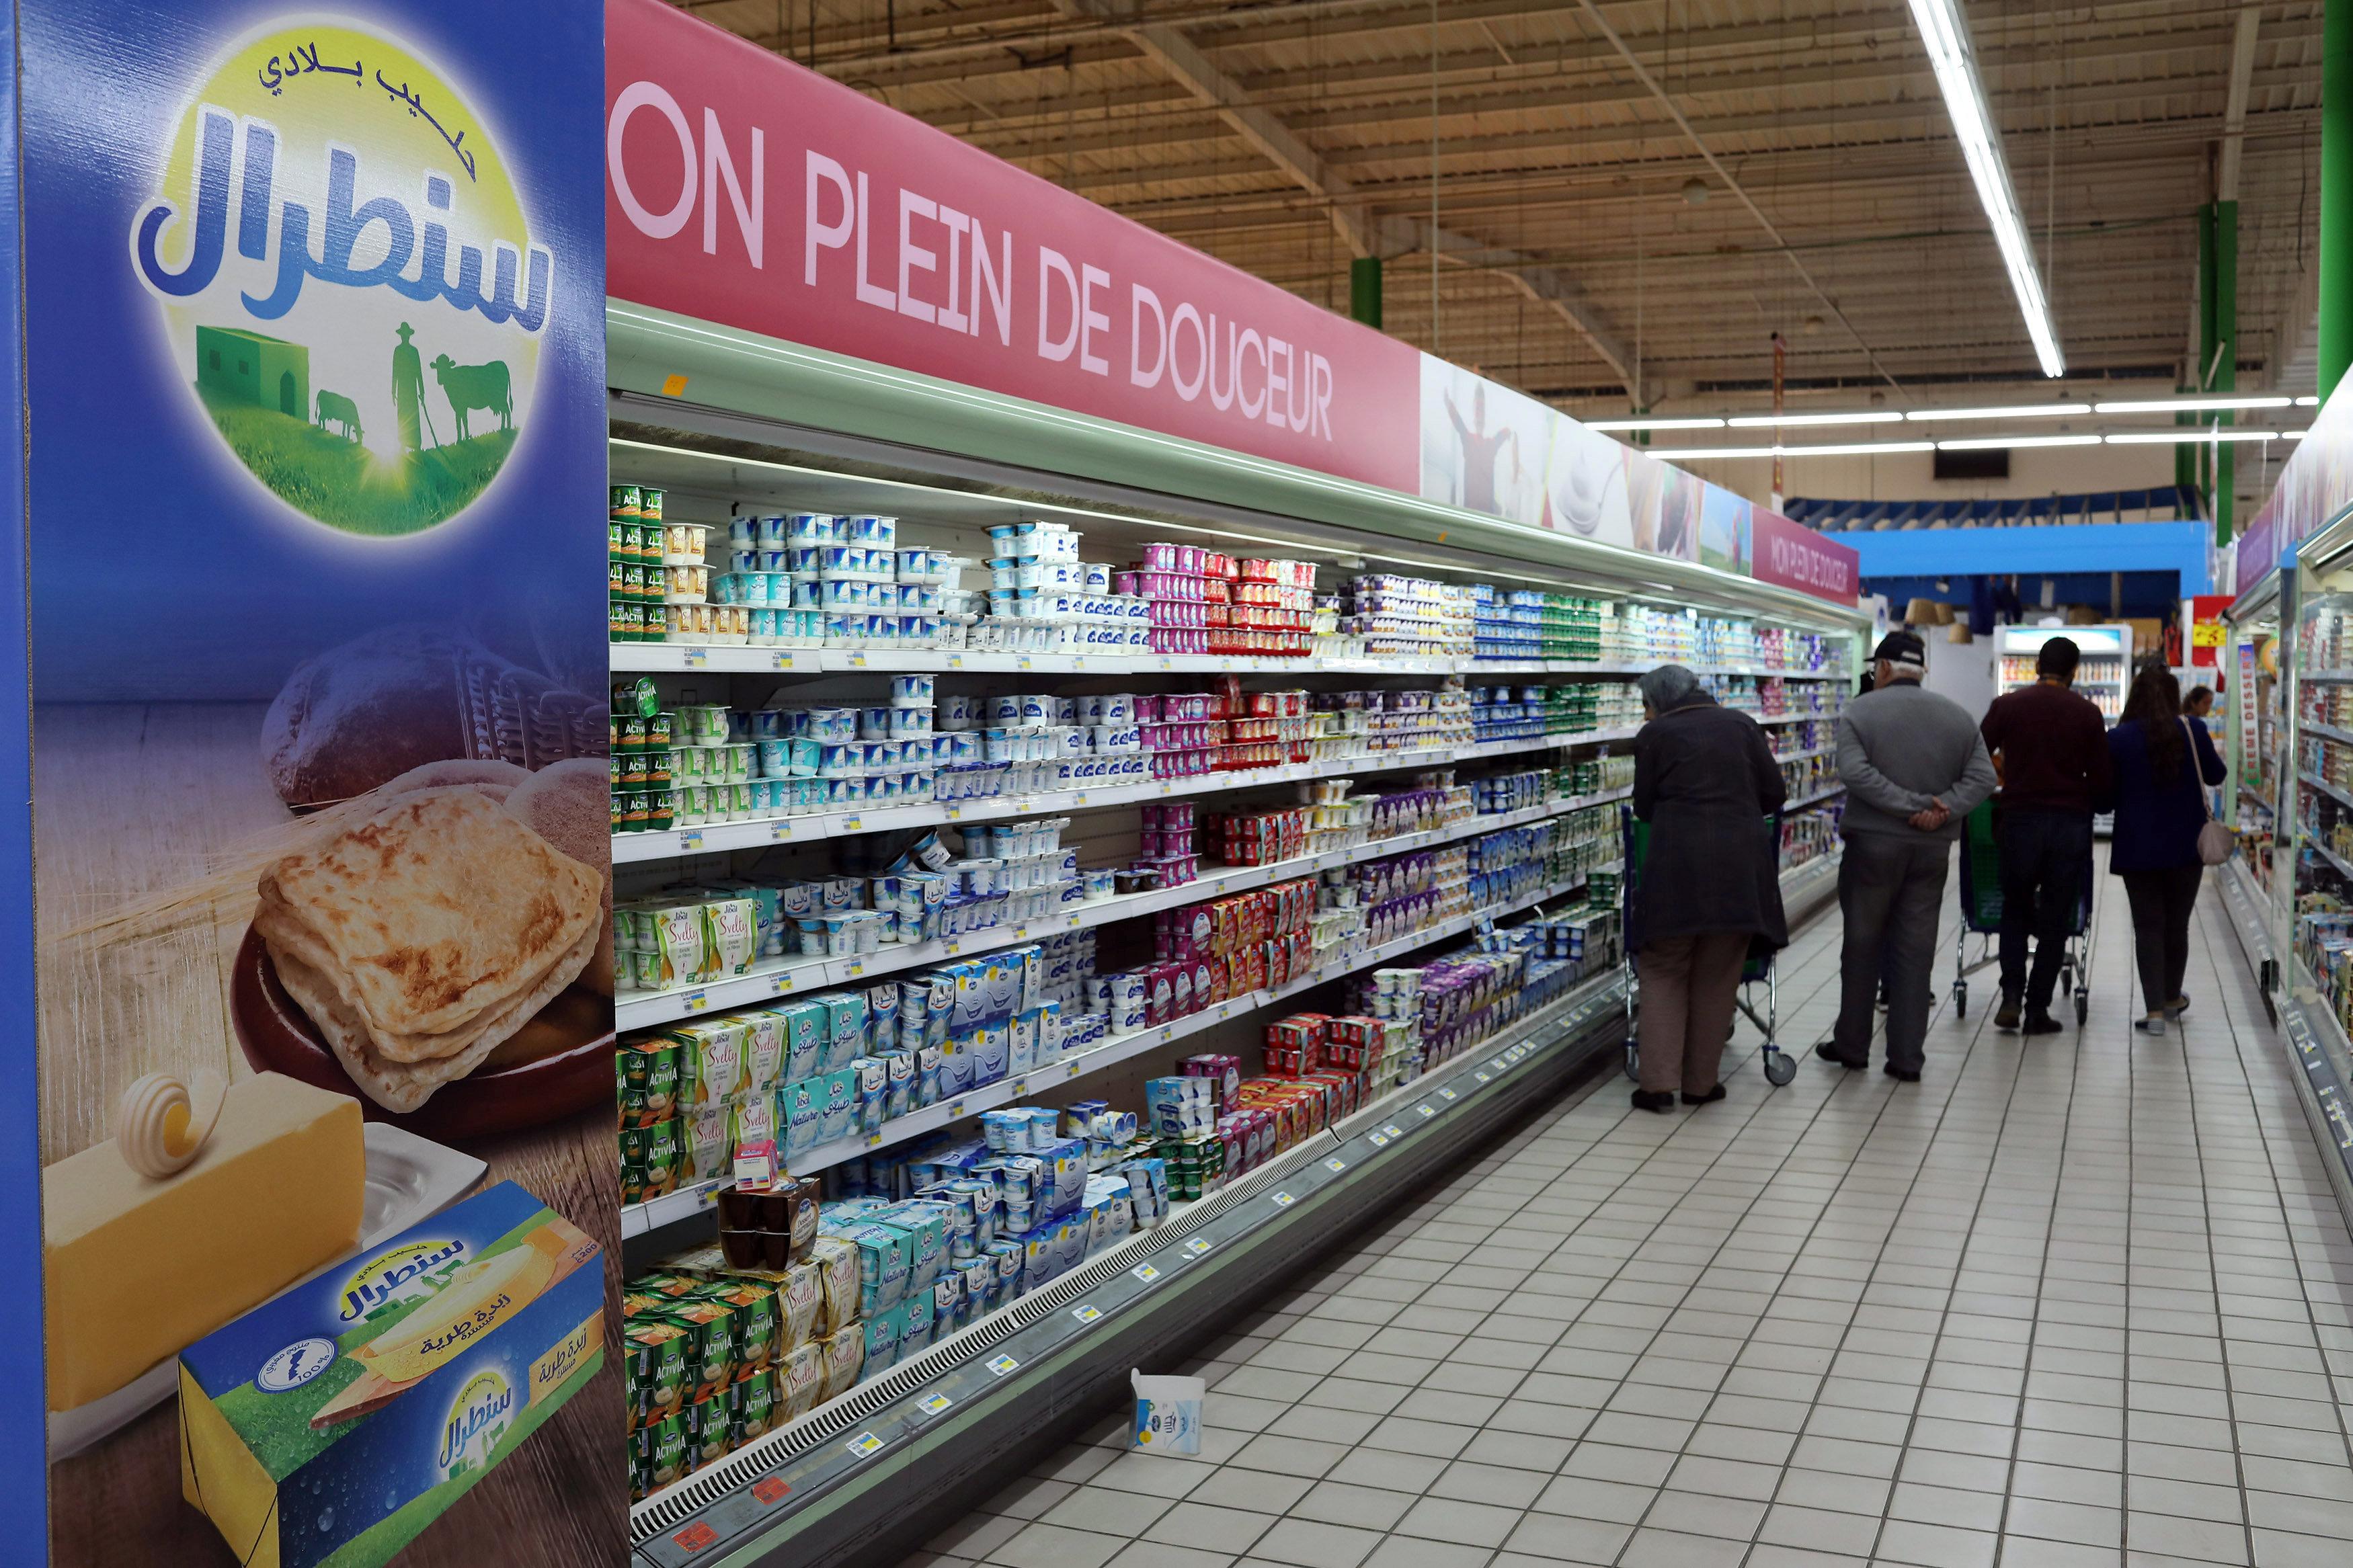 Les prix à la consommation ont connu une (très) légère baisse en